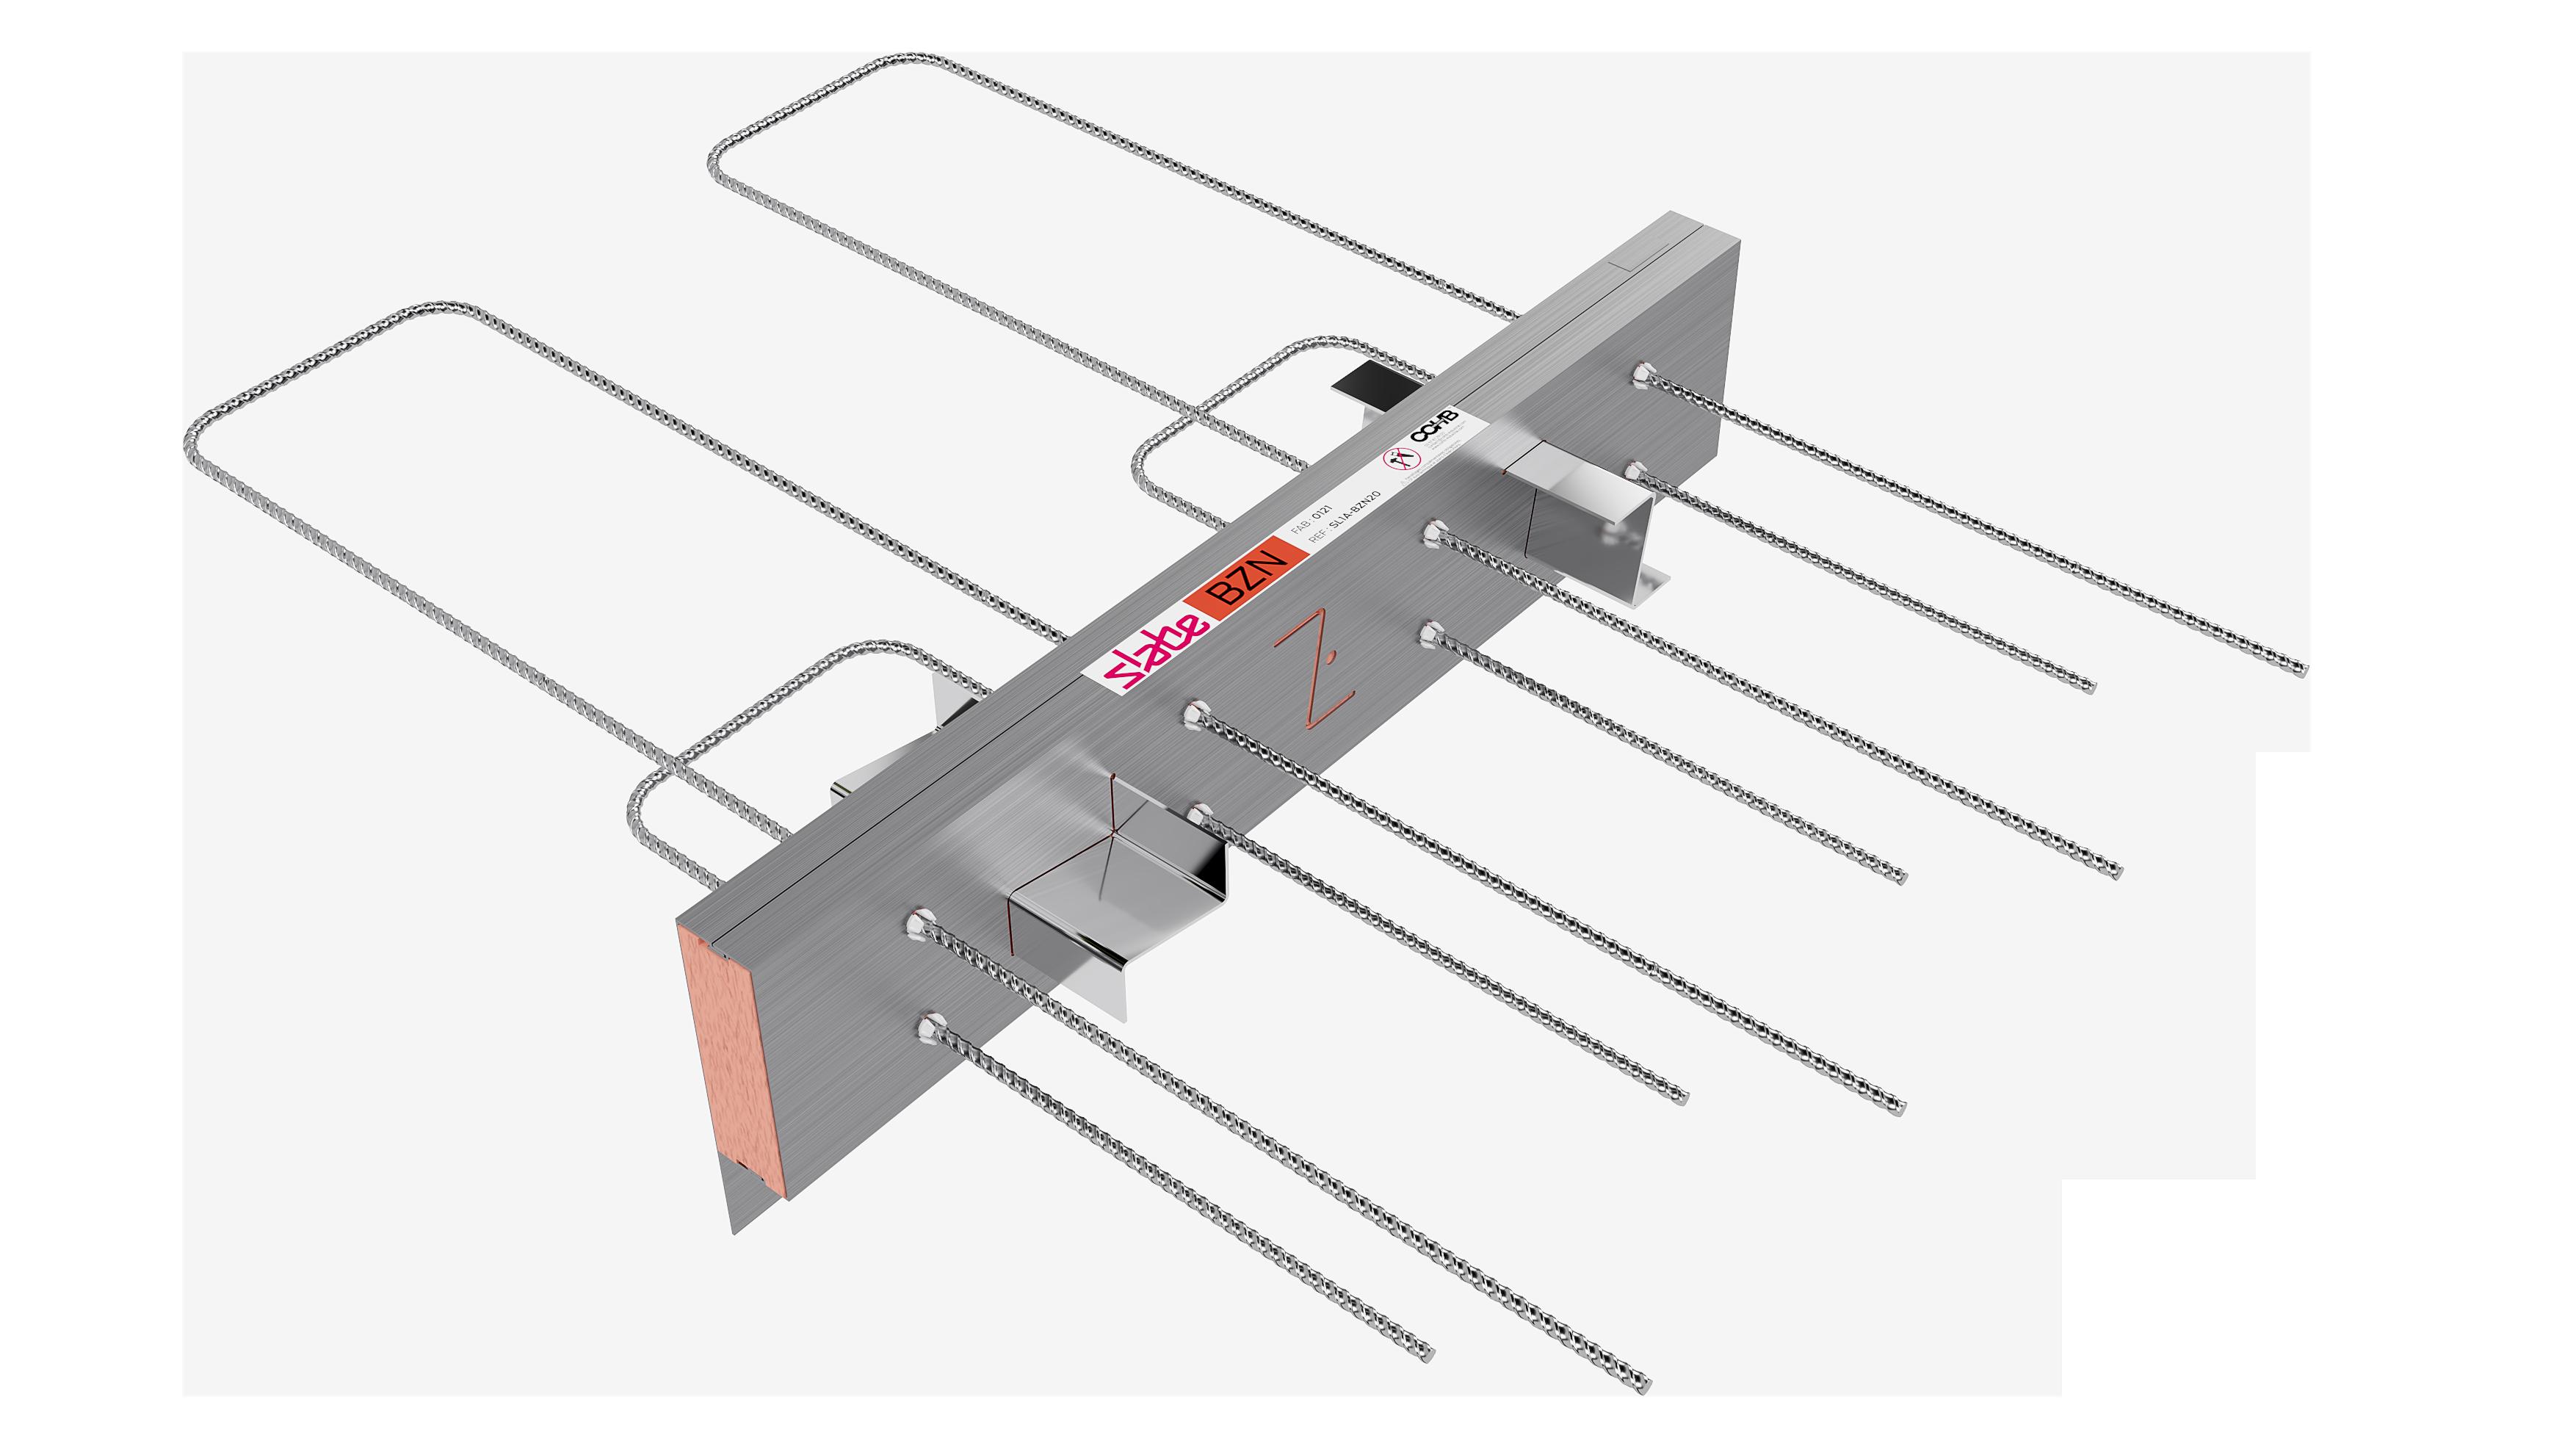 Le rupteur de ponts thermiques de balcons Slabe BZN s'adapte à vos projets en ITI.